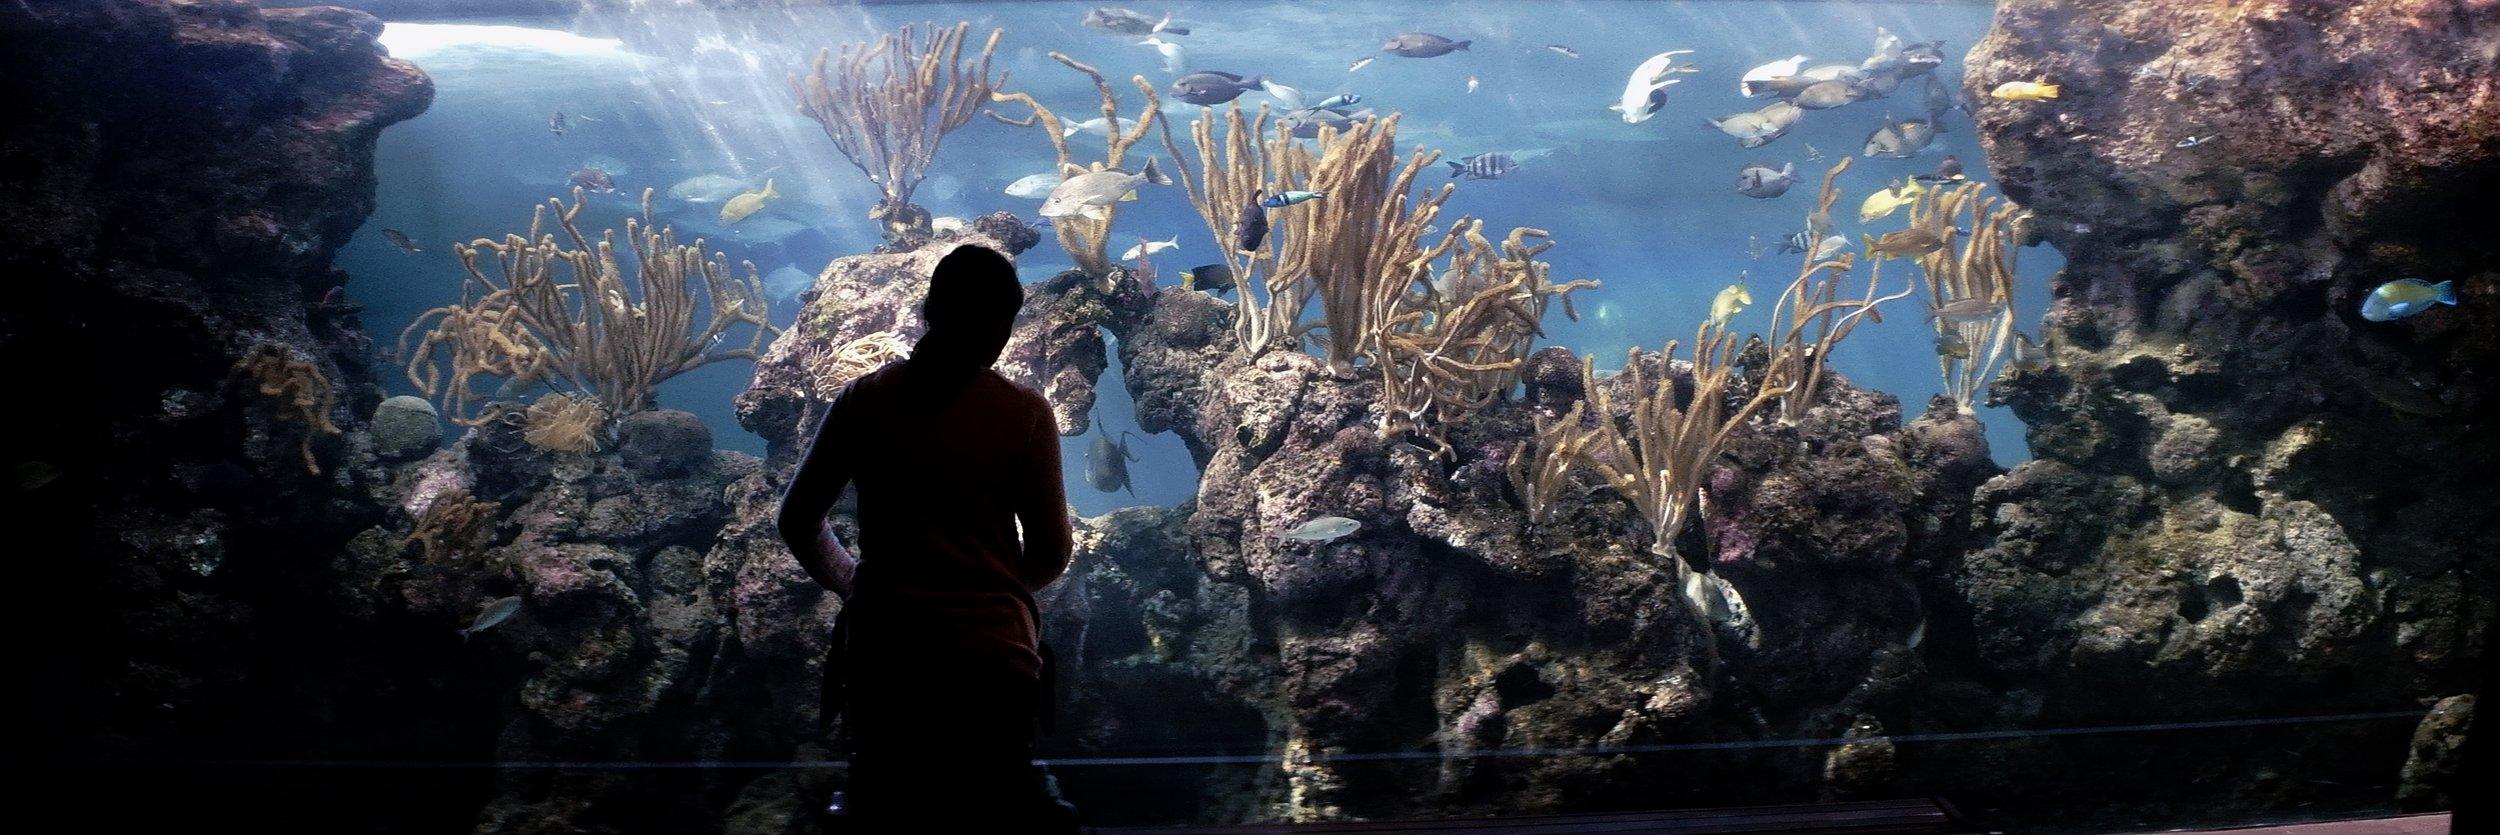 fish_tank_wall_bermuda.JPG